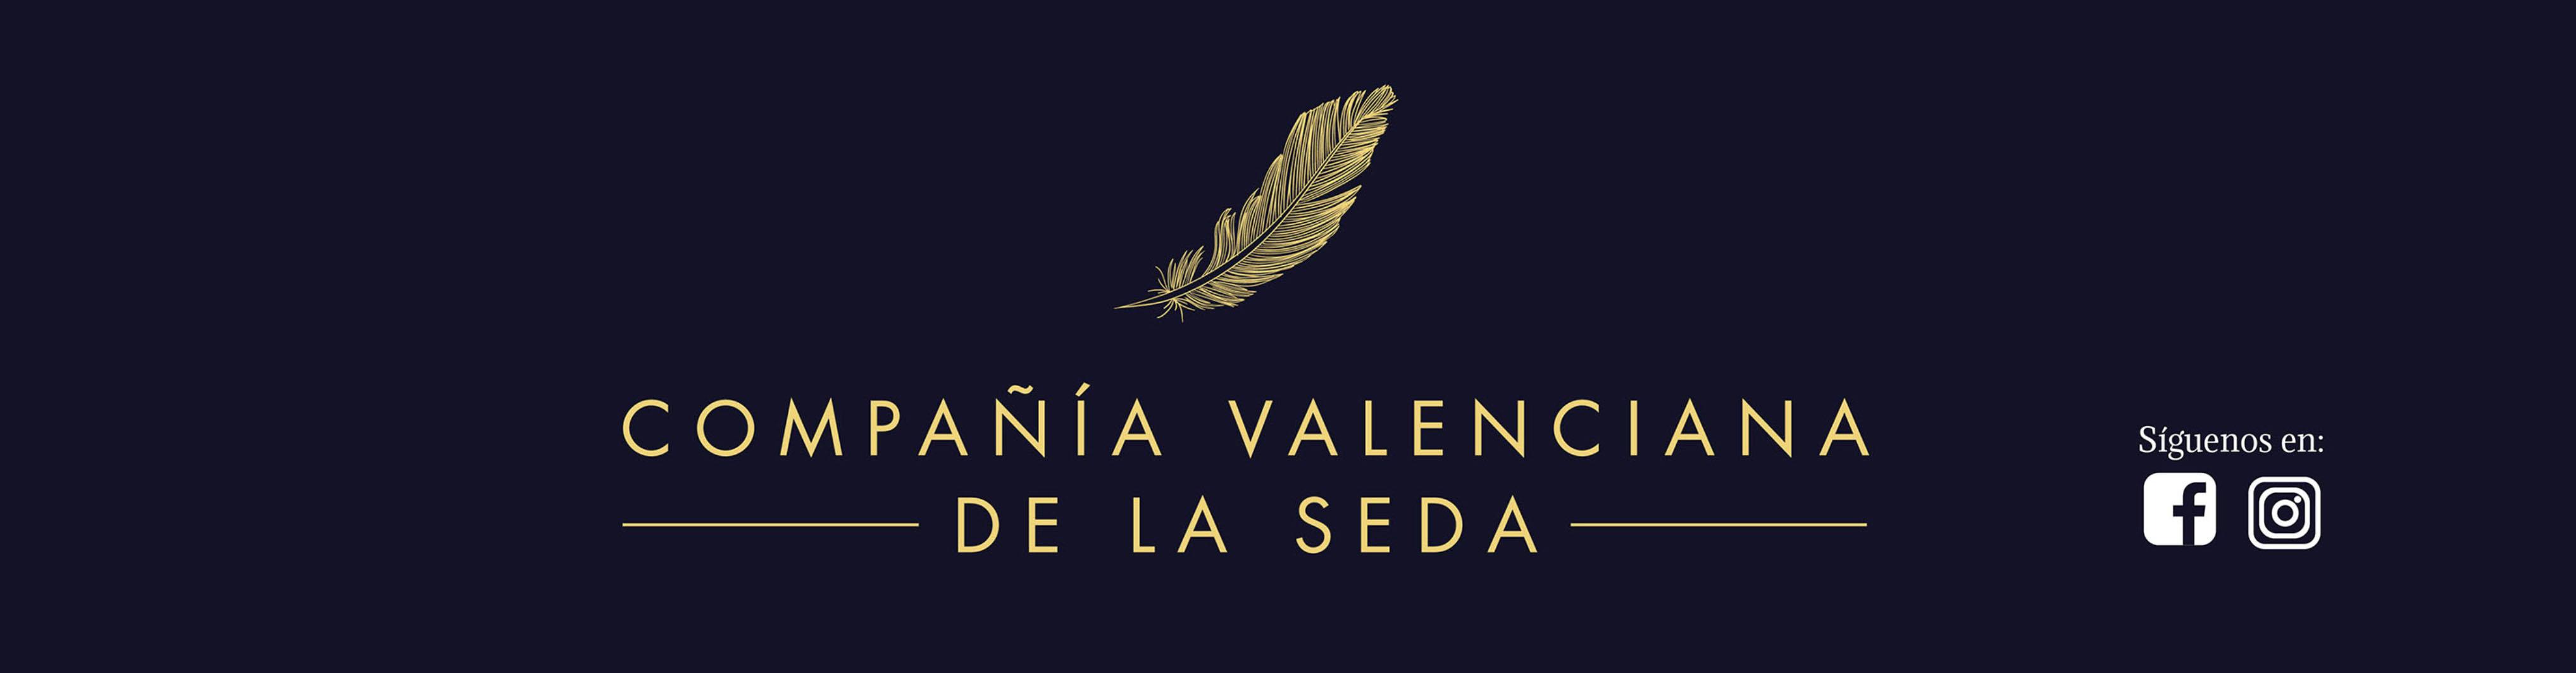 COMPAÑÍA VALENCIANA DE LA SEDA